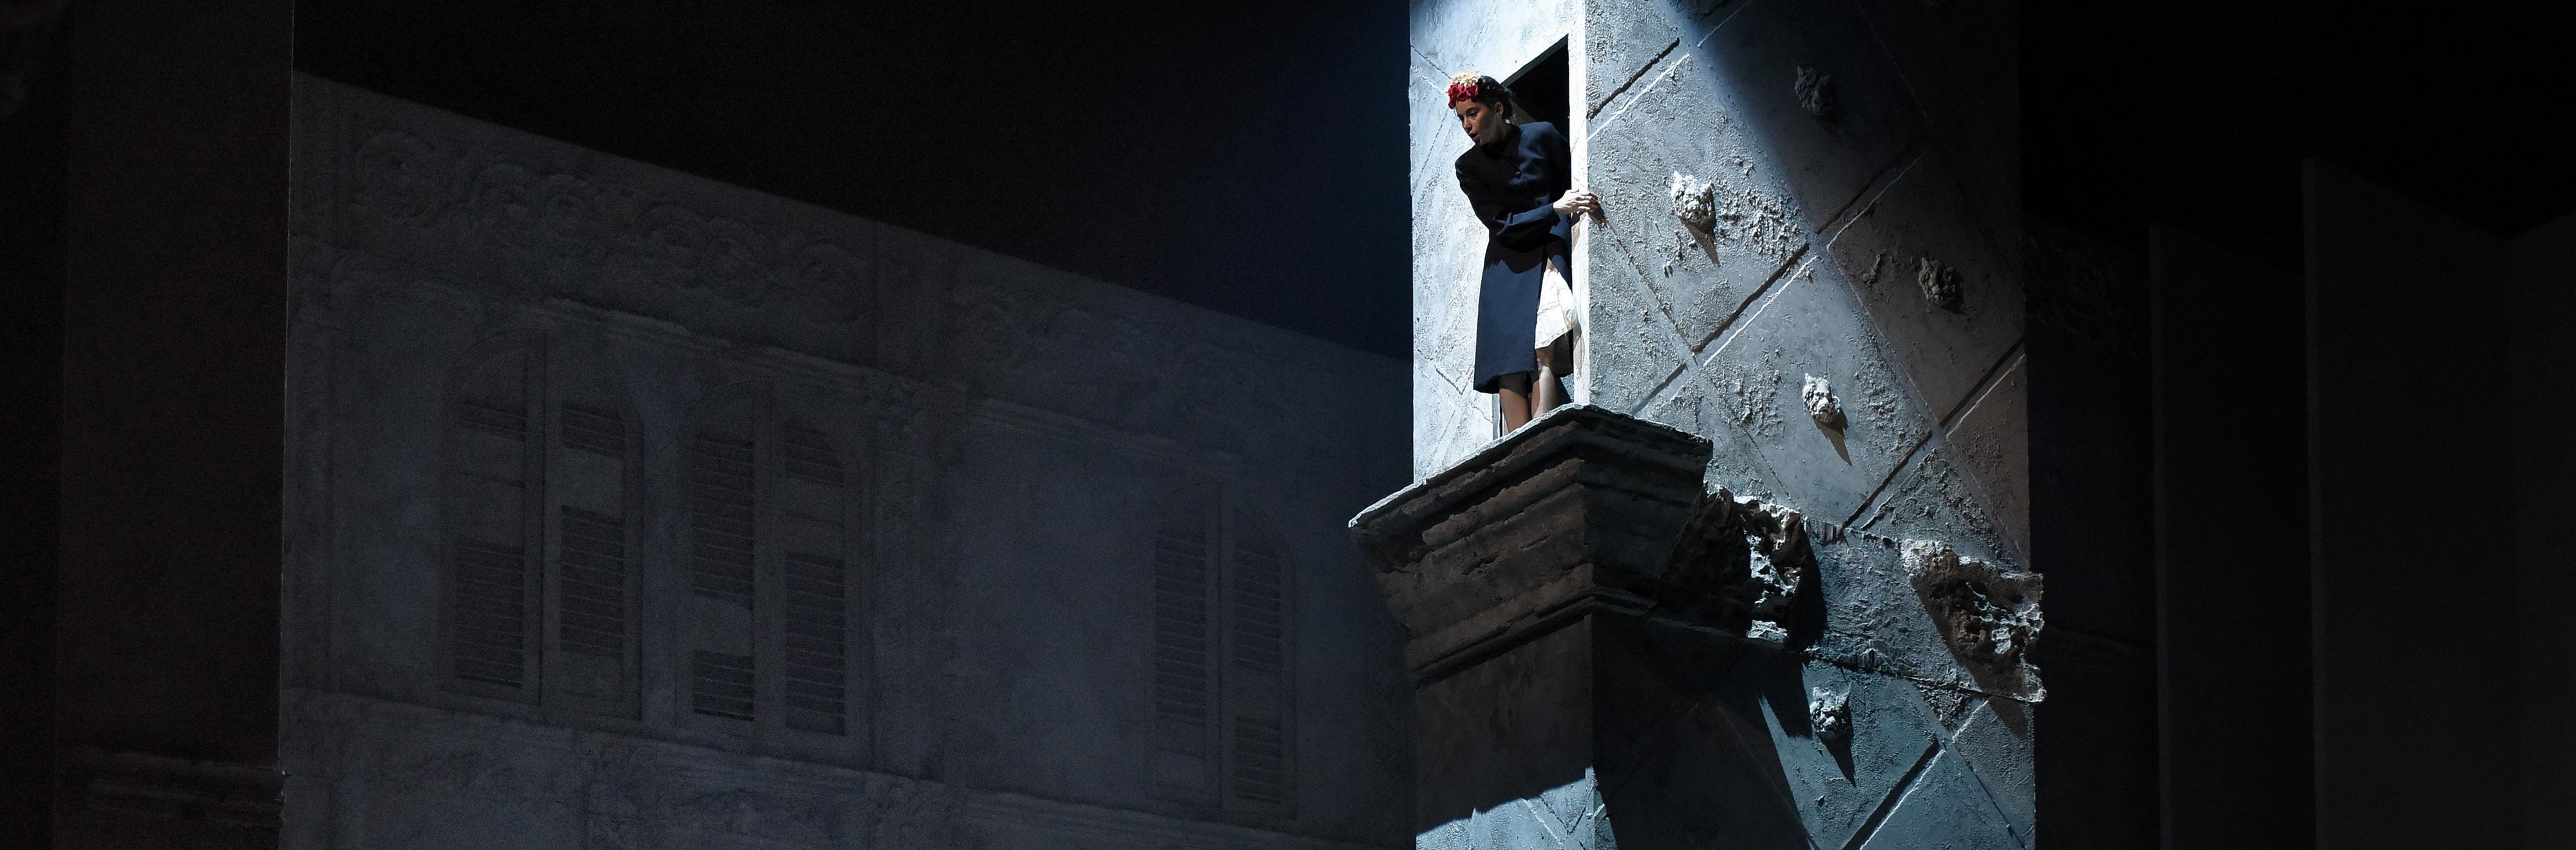 ROMEO ET JULIETTE - De William SHAKESPEARE - Mise en scene d Eric RUF - Choregraphie : Glyslein LEFEVER - Le 24 11 2015 - A la salle Richelieu de la Comedie Francaise - Photo : Vincent PONTET